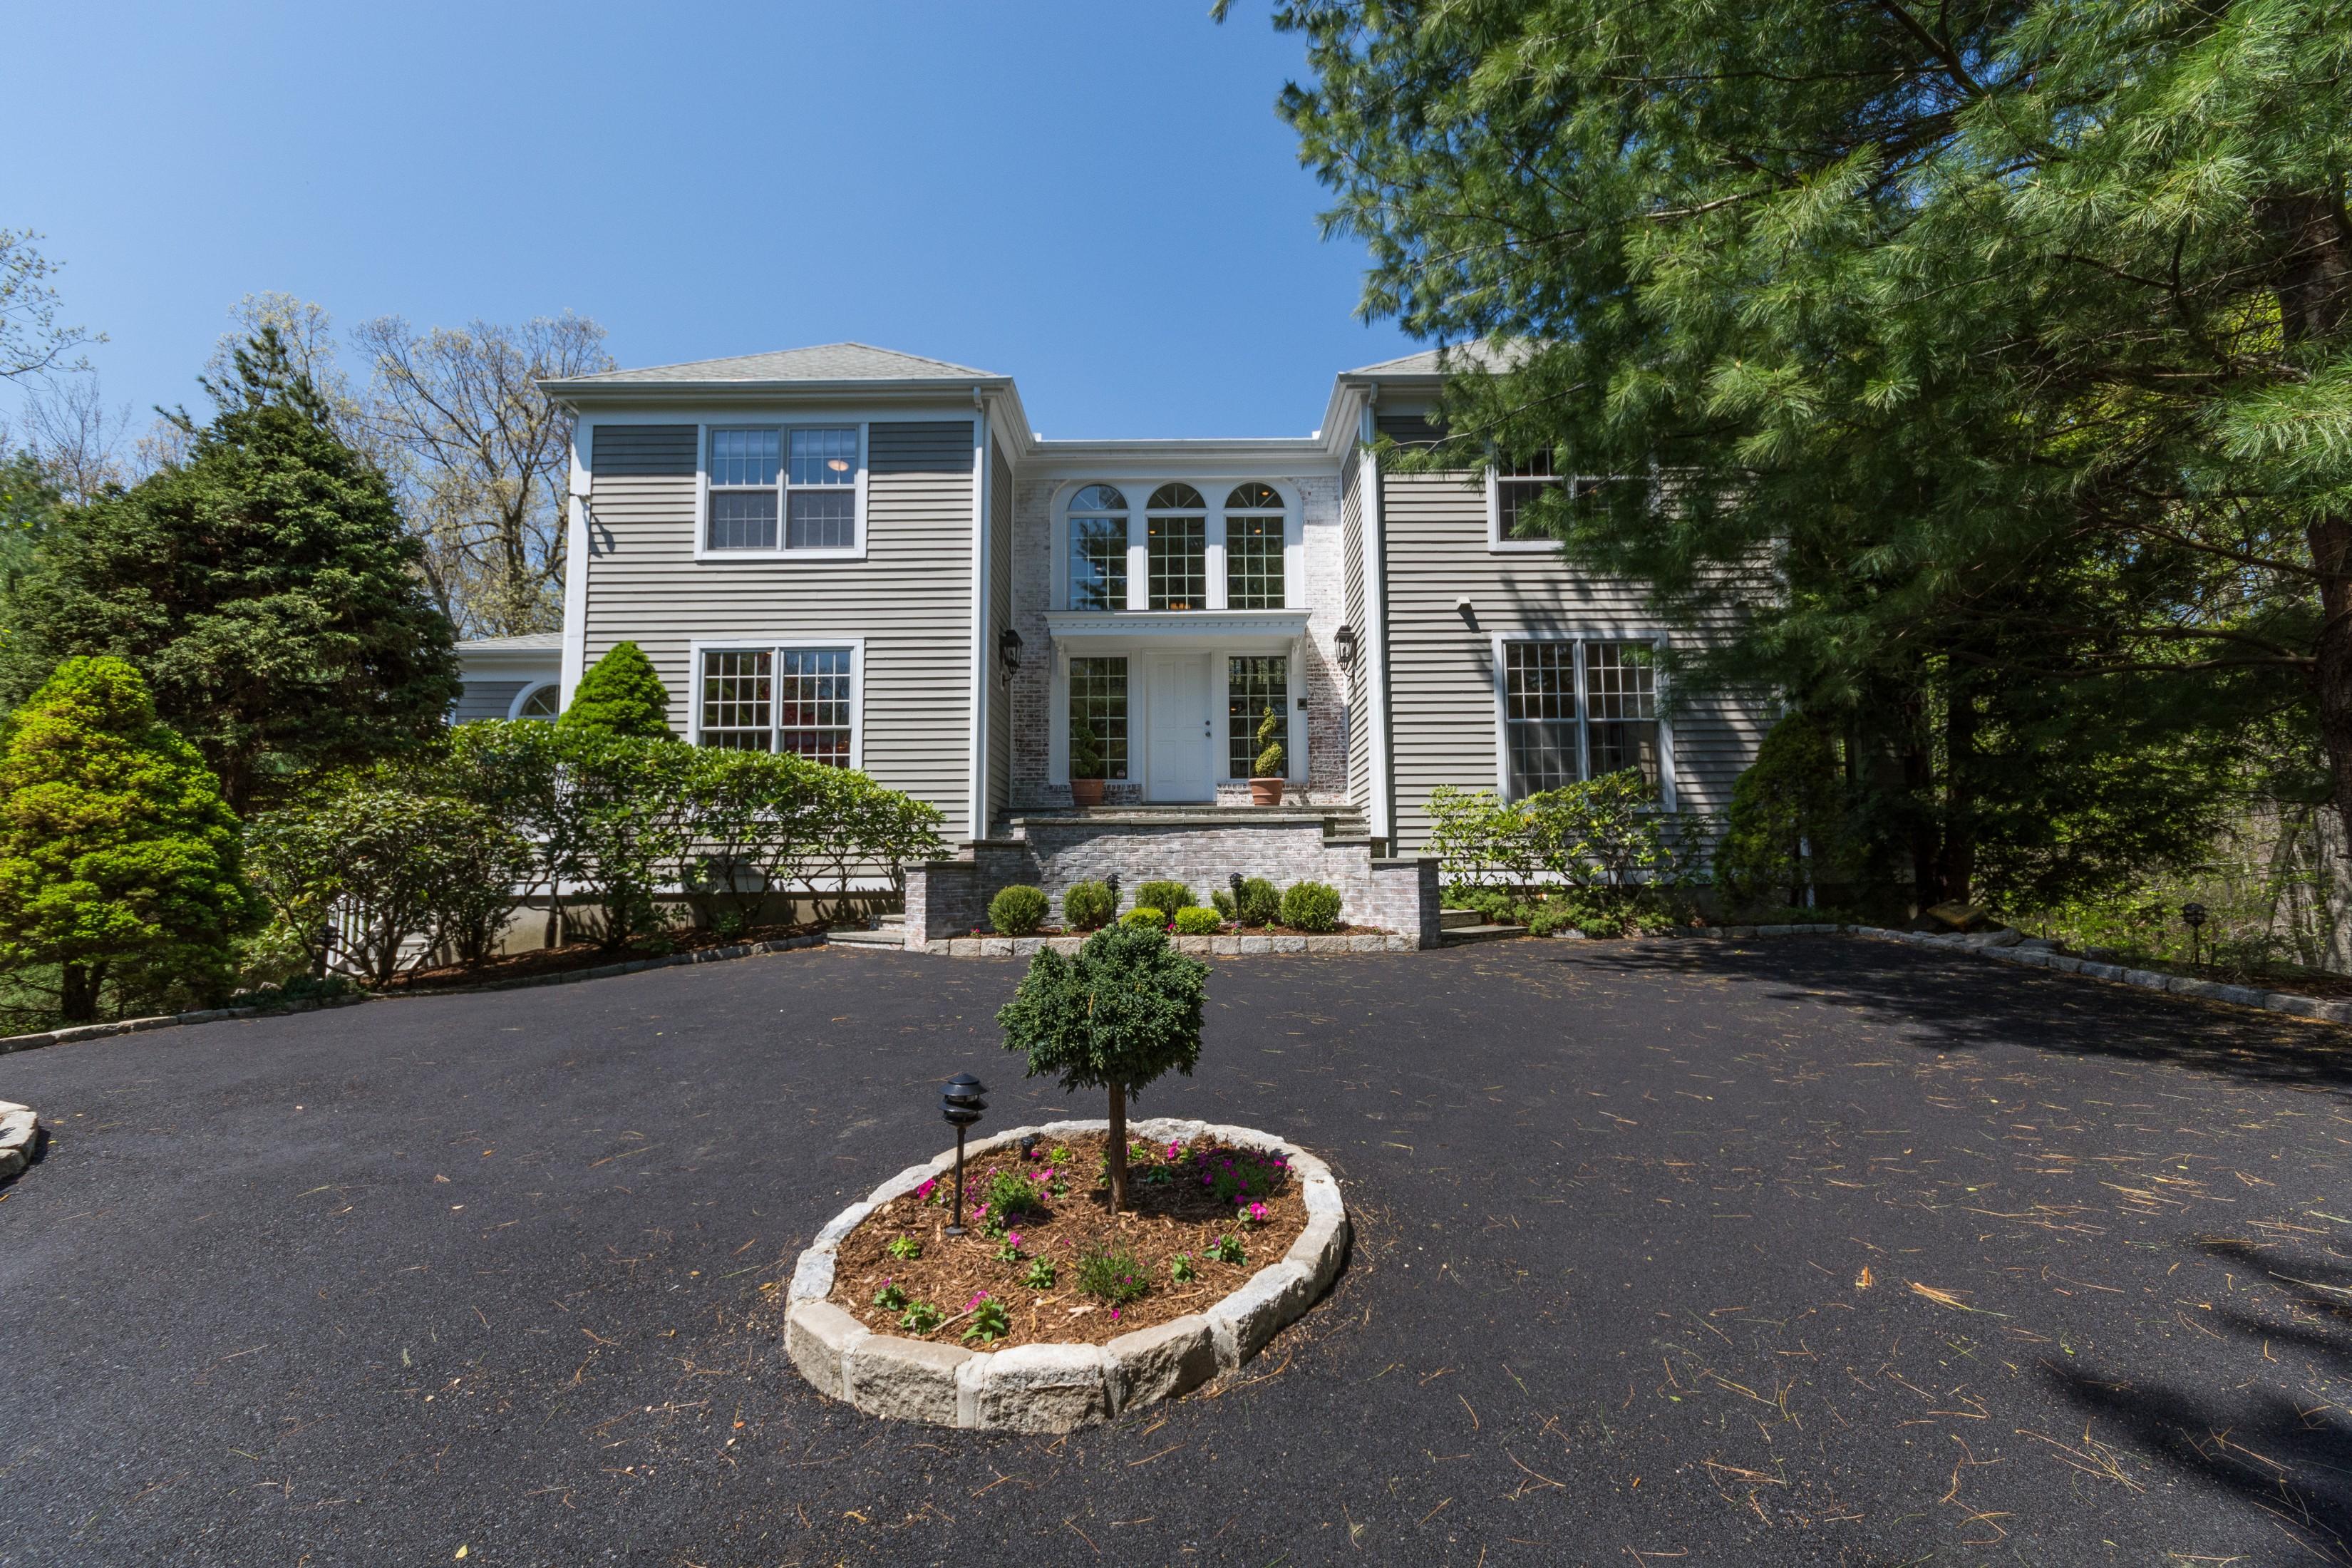 独户住宅 为 销售 在 Stunning Colonial 411 Thayer Pond Road 威尔顿, 康涅狄格州, 06897 美国